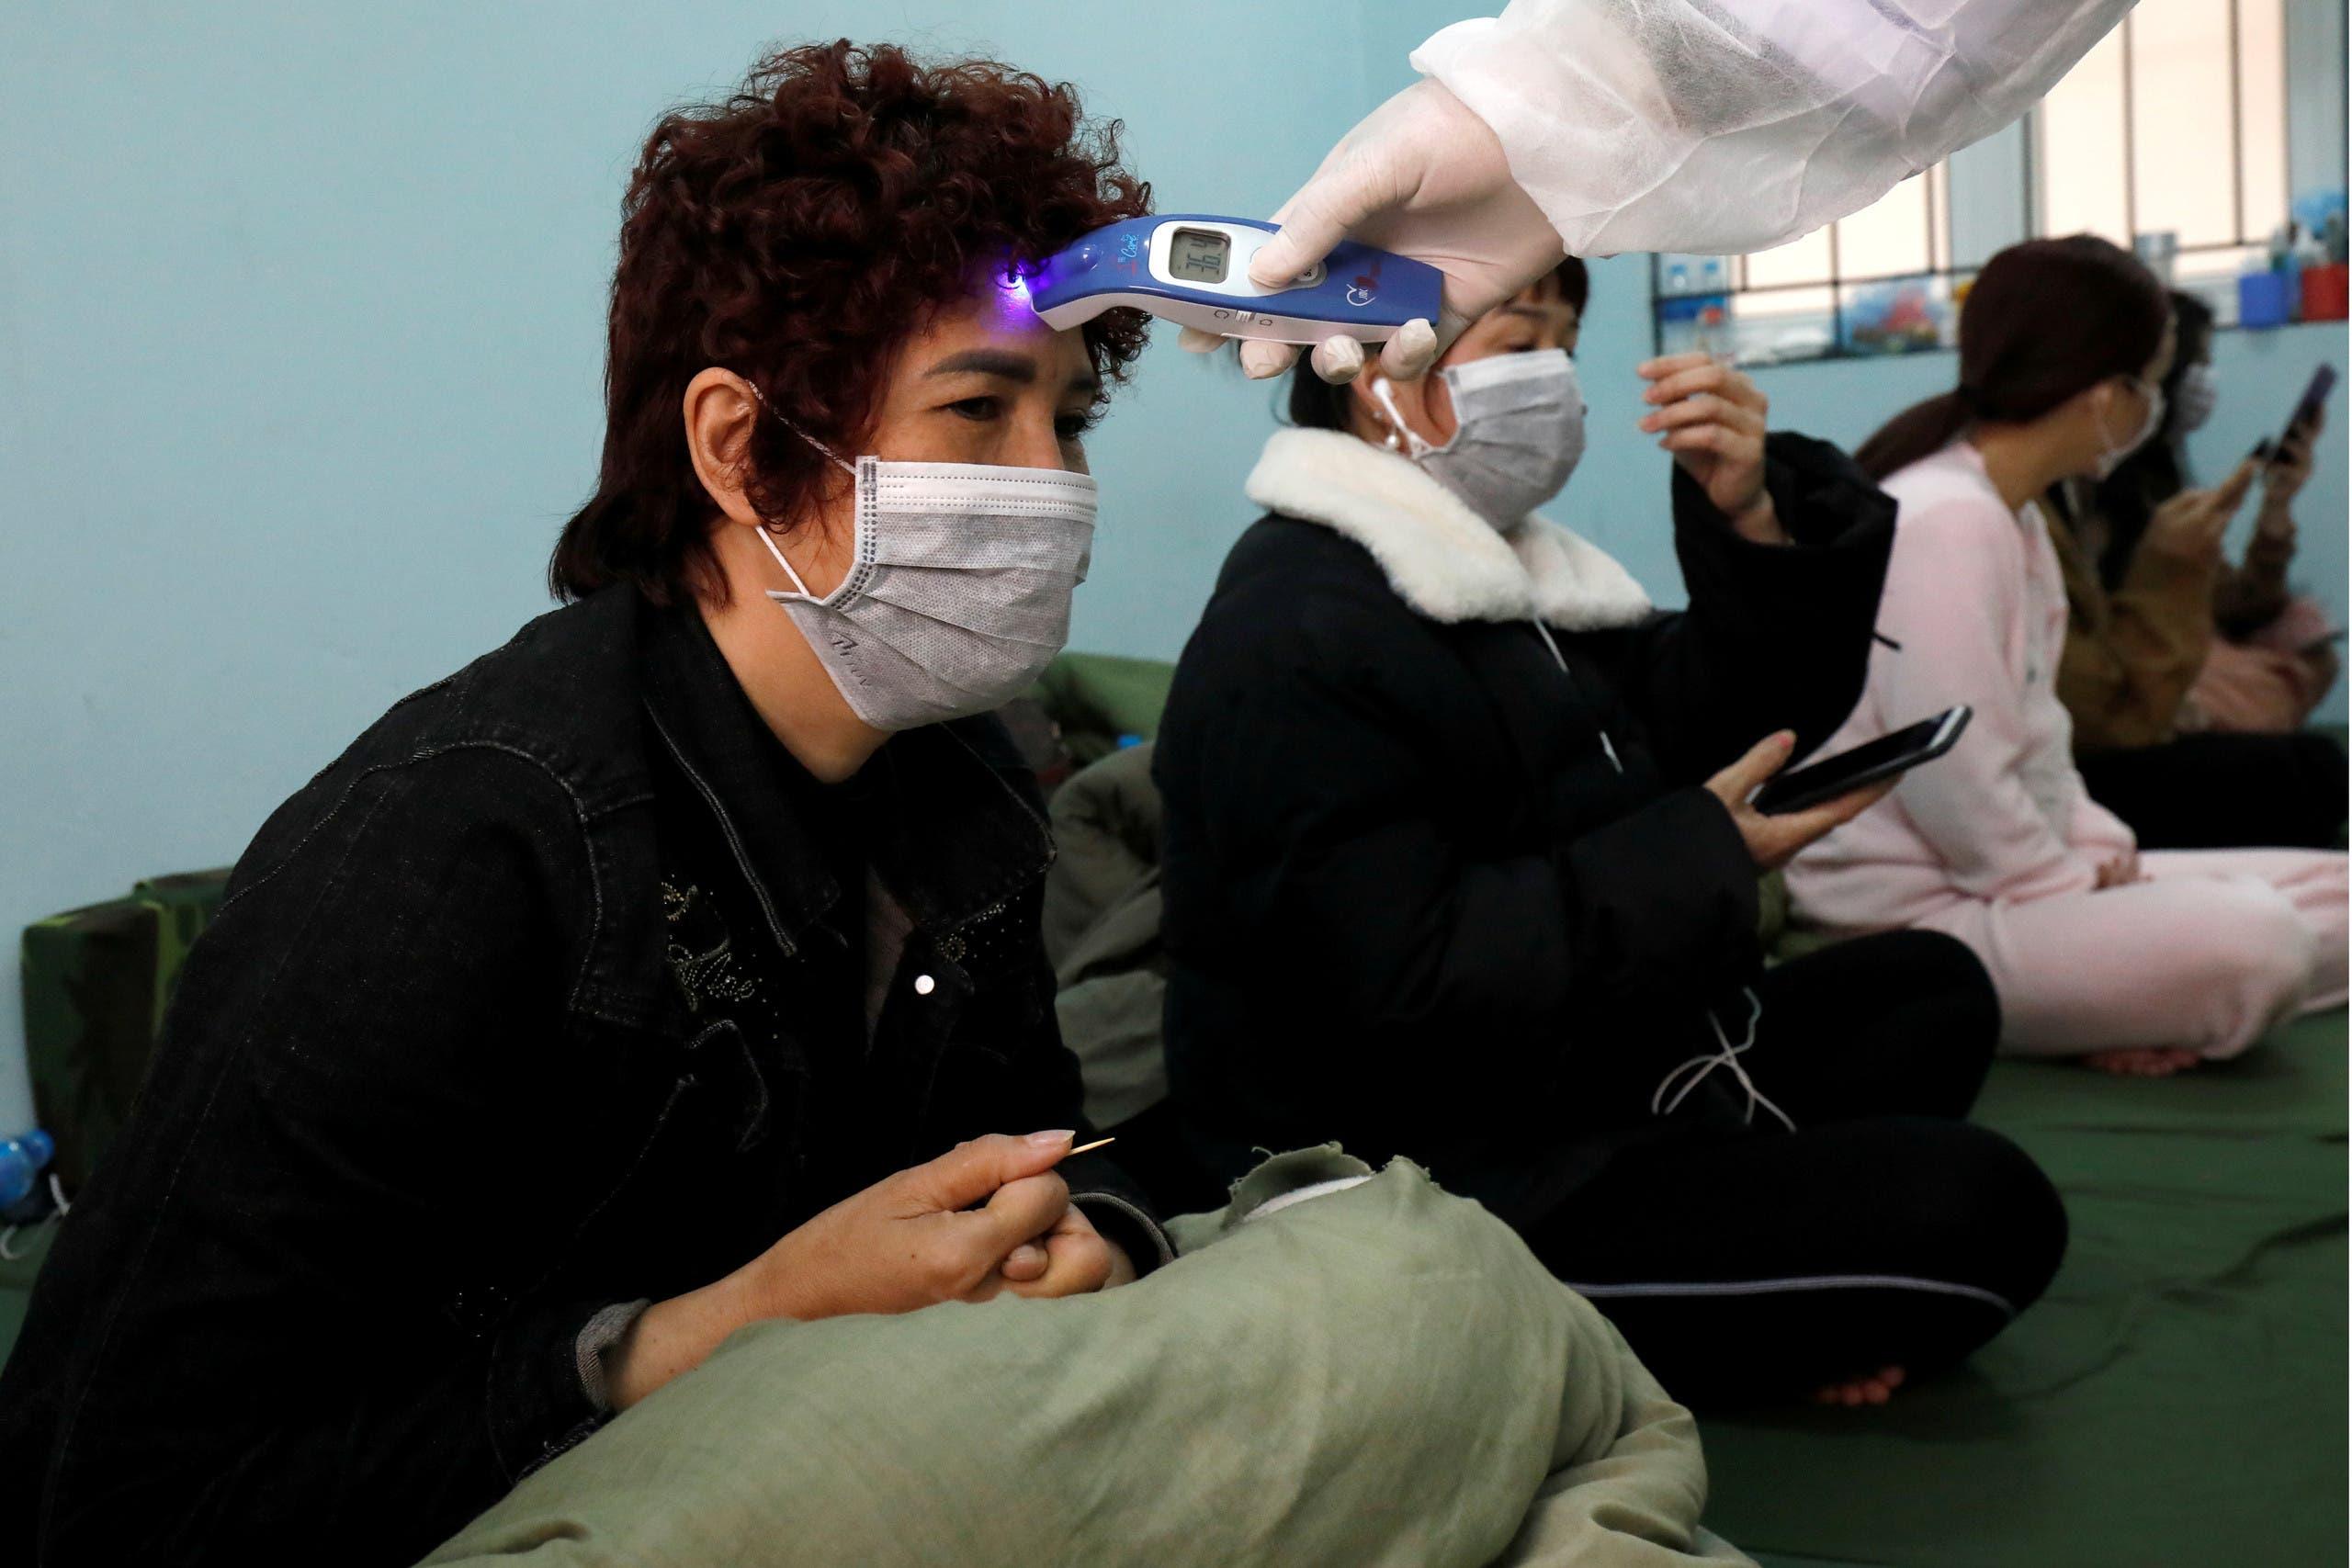 طبيب عسكري يفحص مسافرين عائدين من الصين